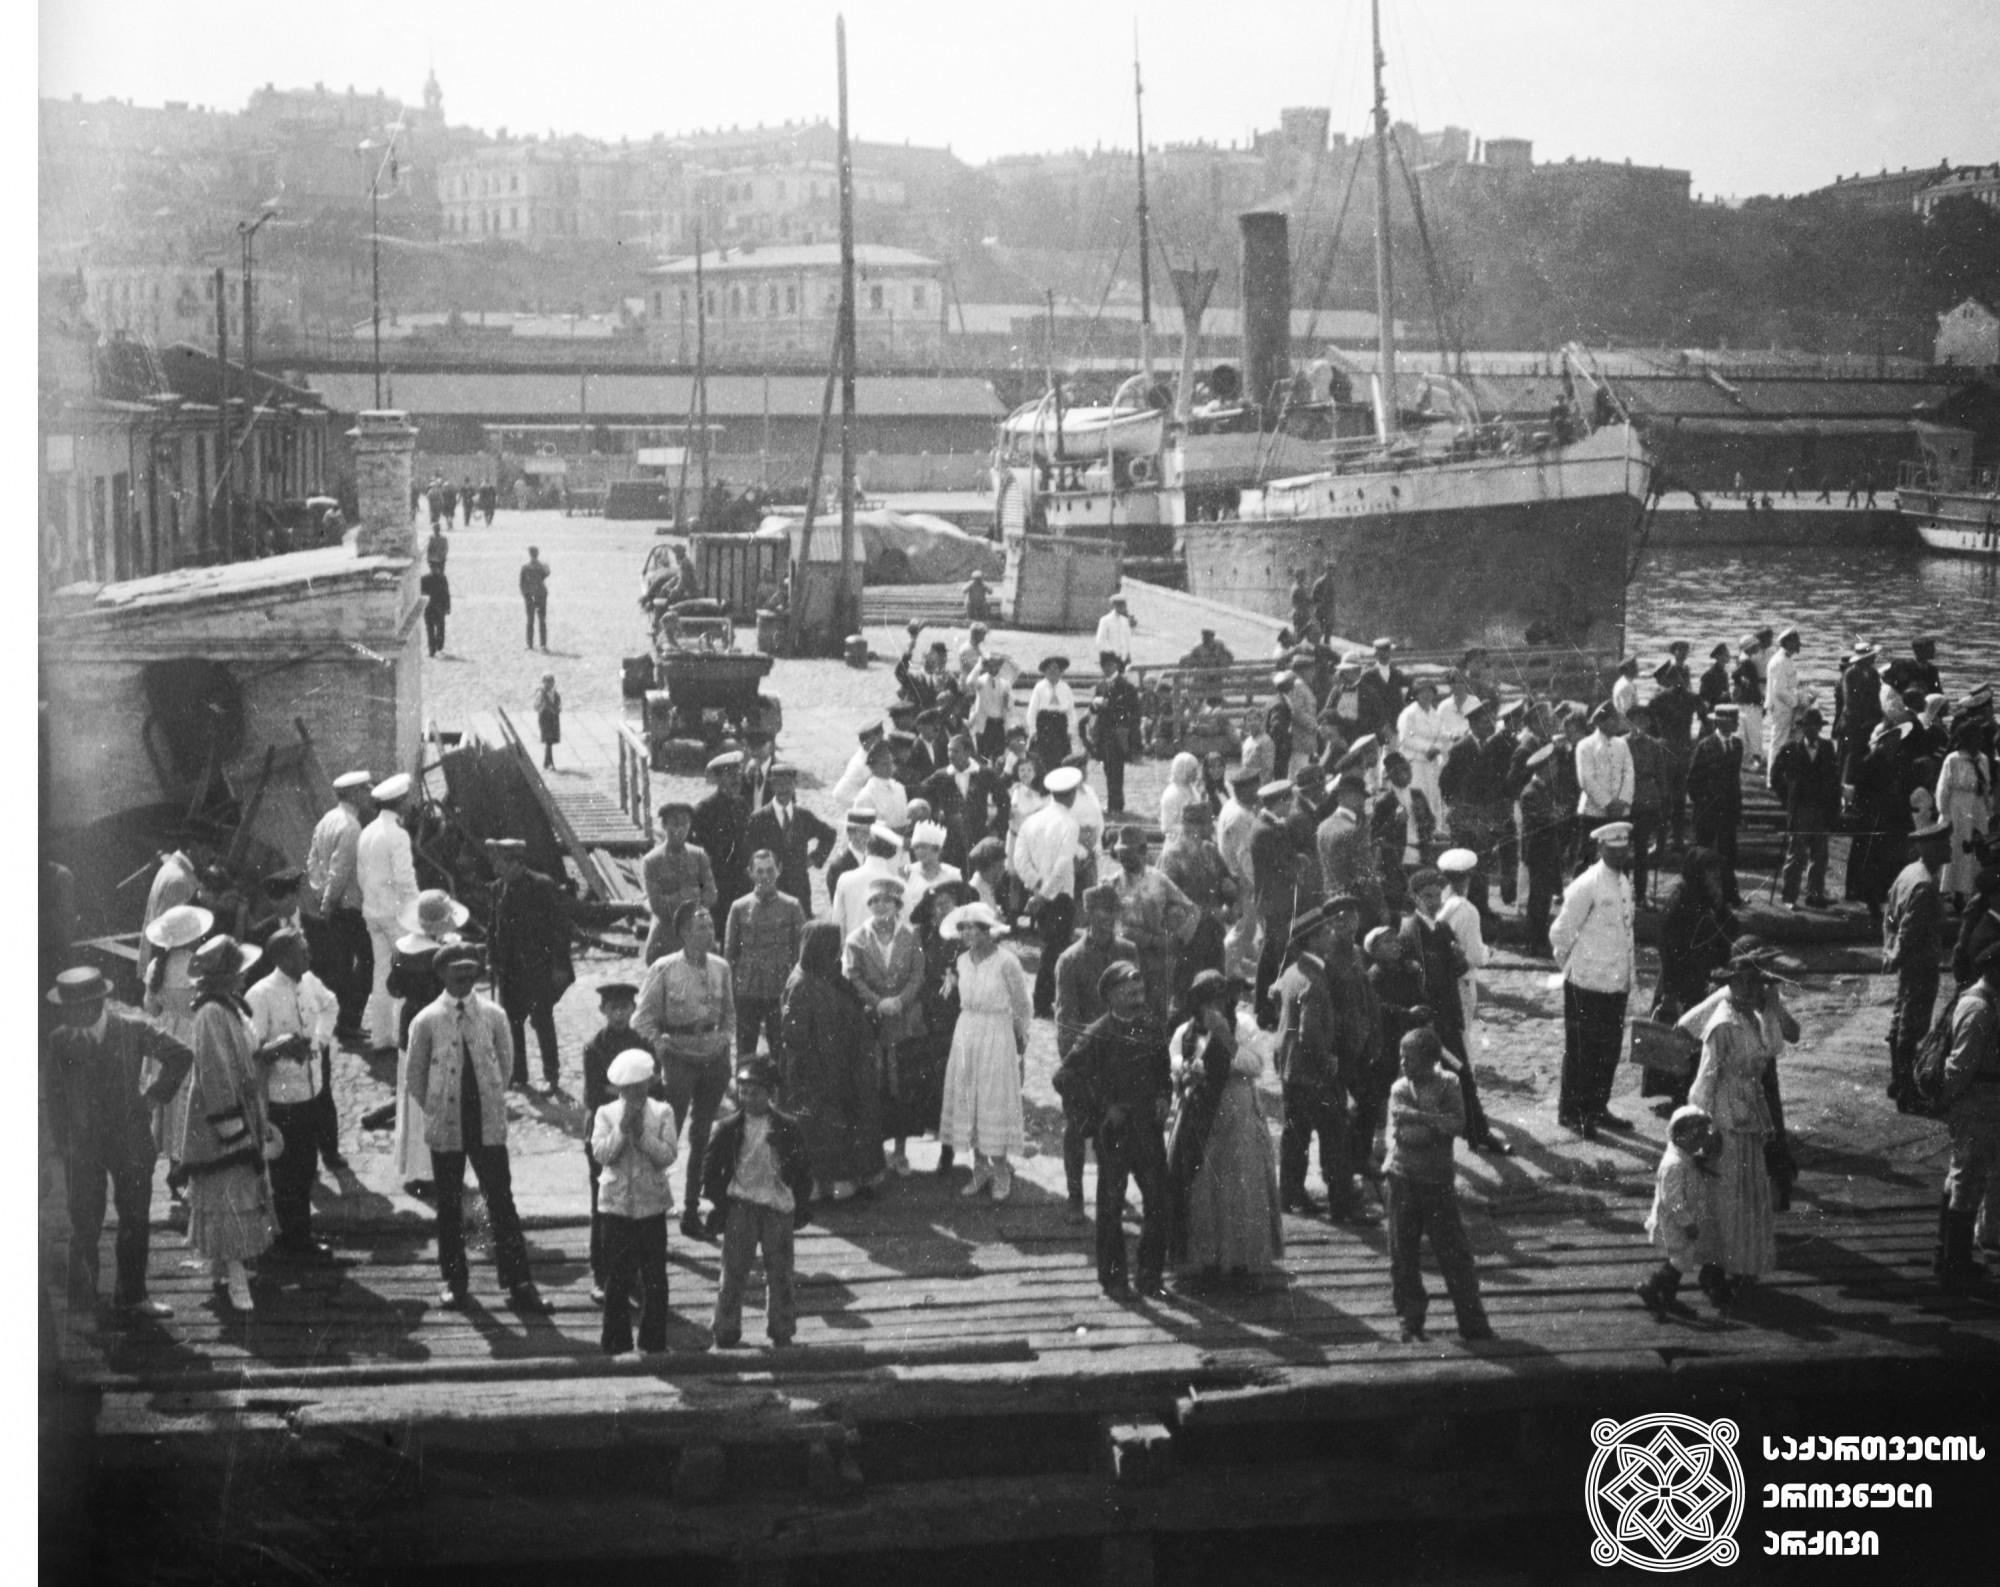 ამიერკავკასიის სეიმის დელეგაცია ტრაპიზონის მოლაპარაკებებზე.  <br> 1918 წლის მარტი. <br> Delegation of Transcaucasian Sejm on Trabzon negotiations.  <br> March 1918.